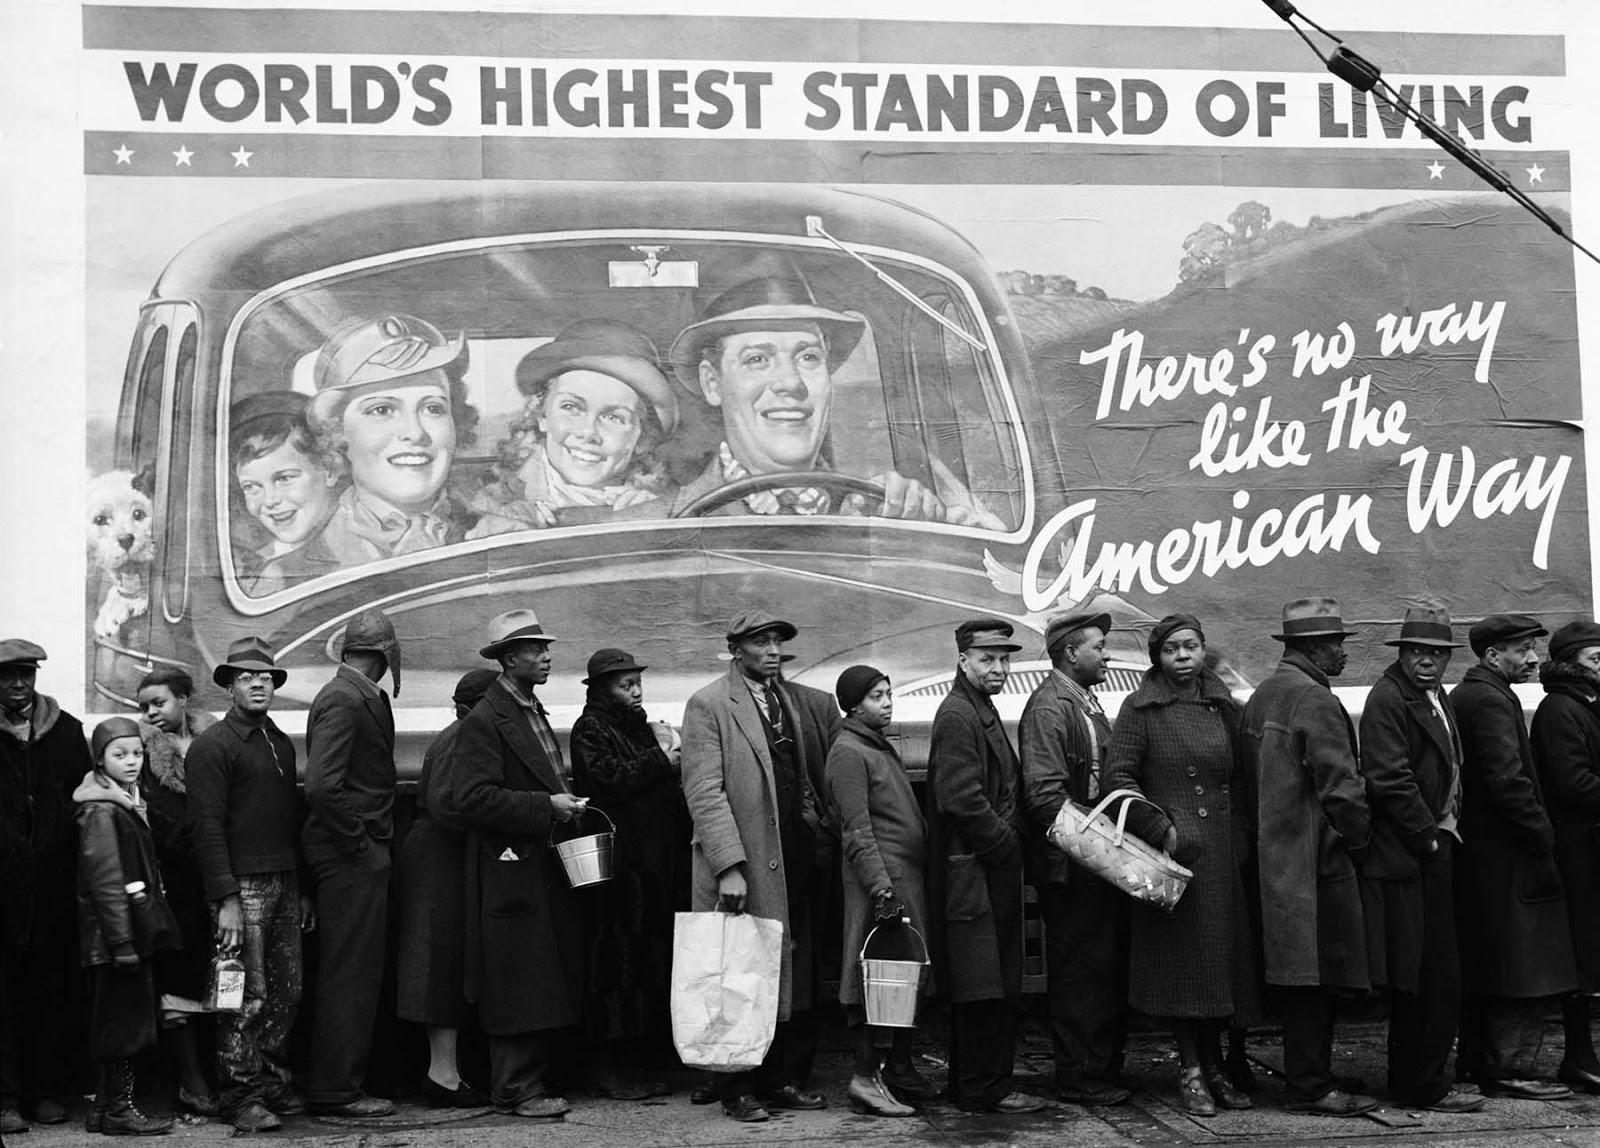 americanizzazione american way